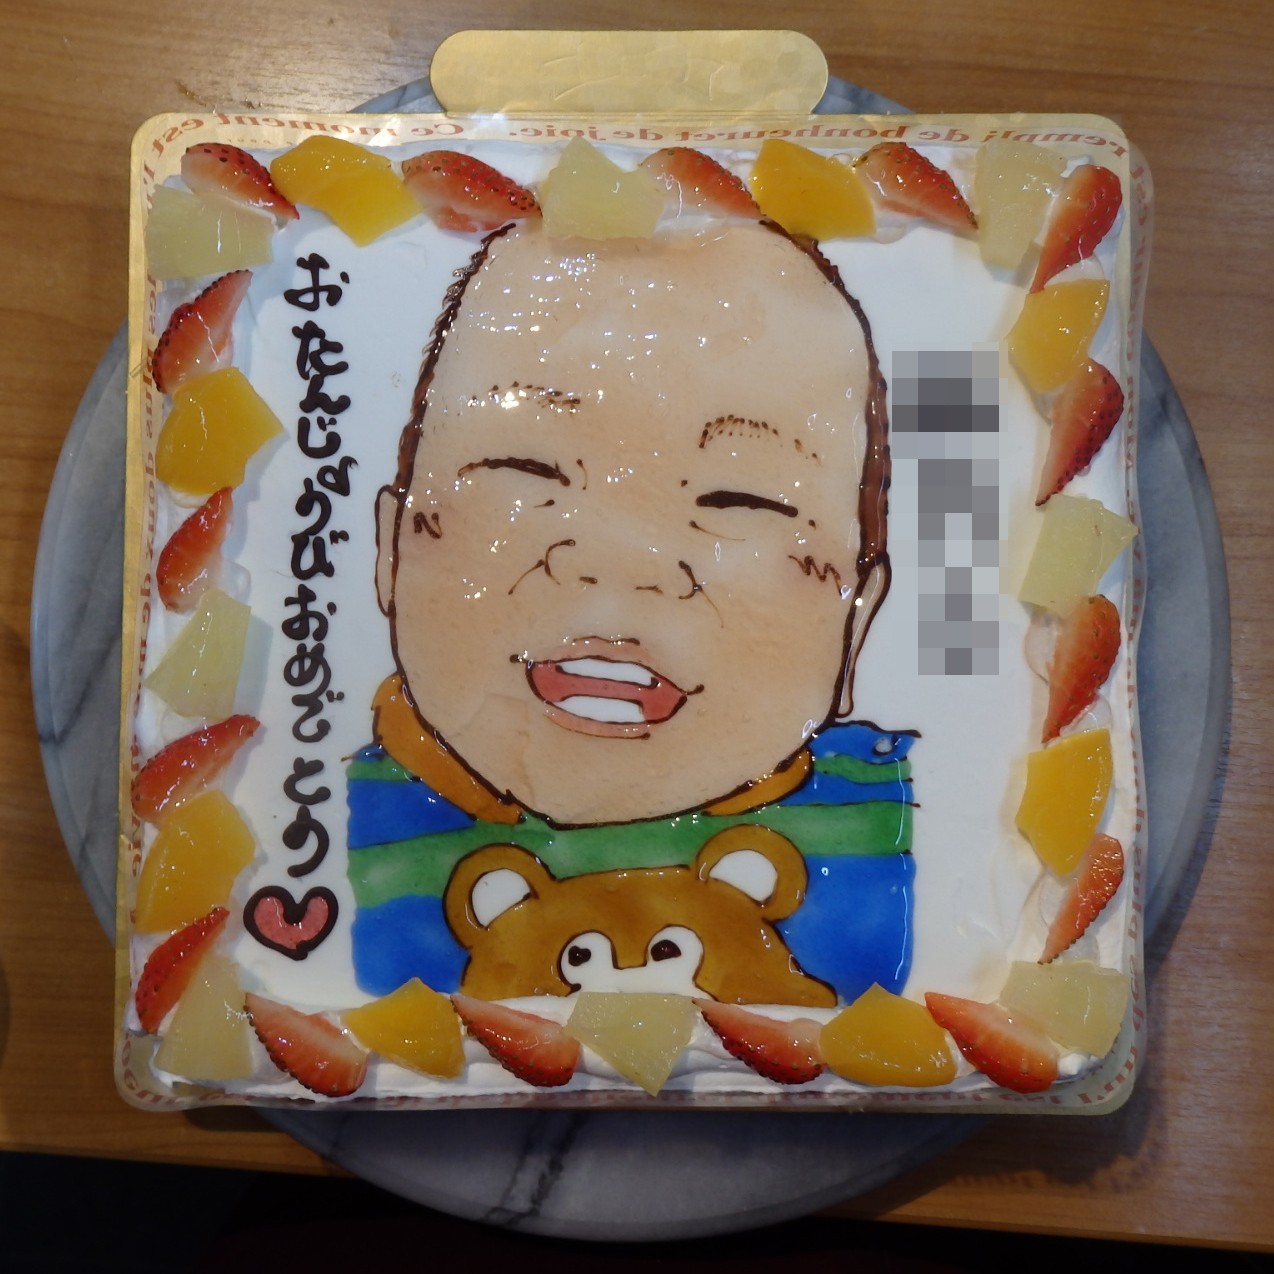 似顔絵ケーキ 9号 四角の画像6枚目